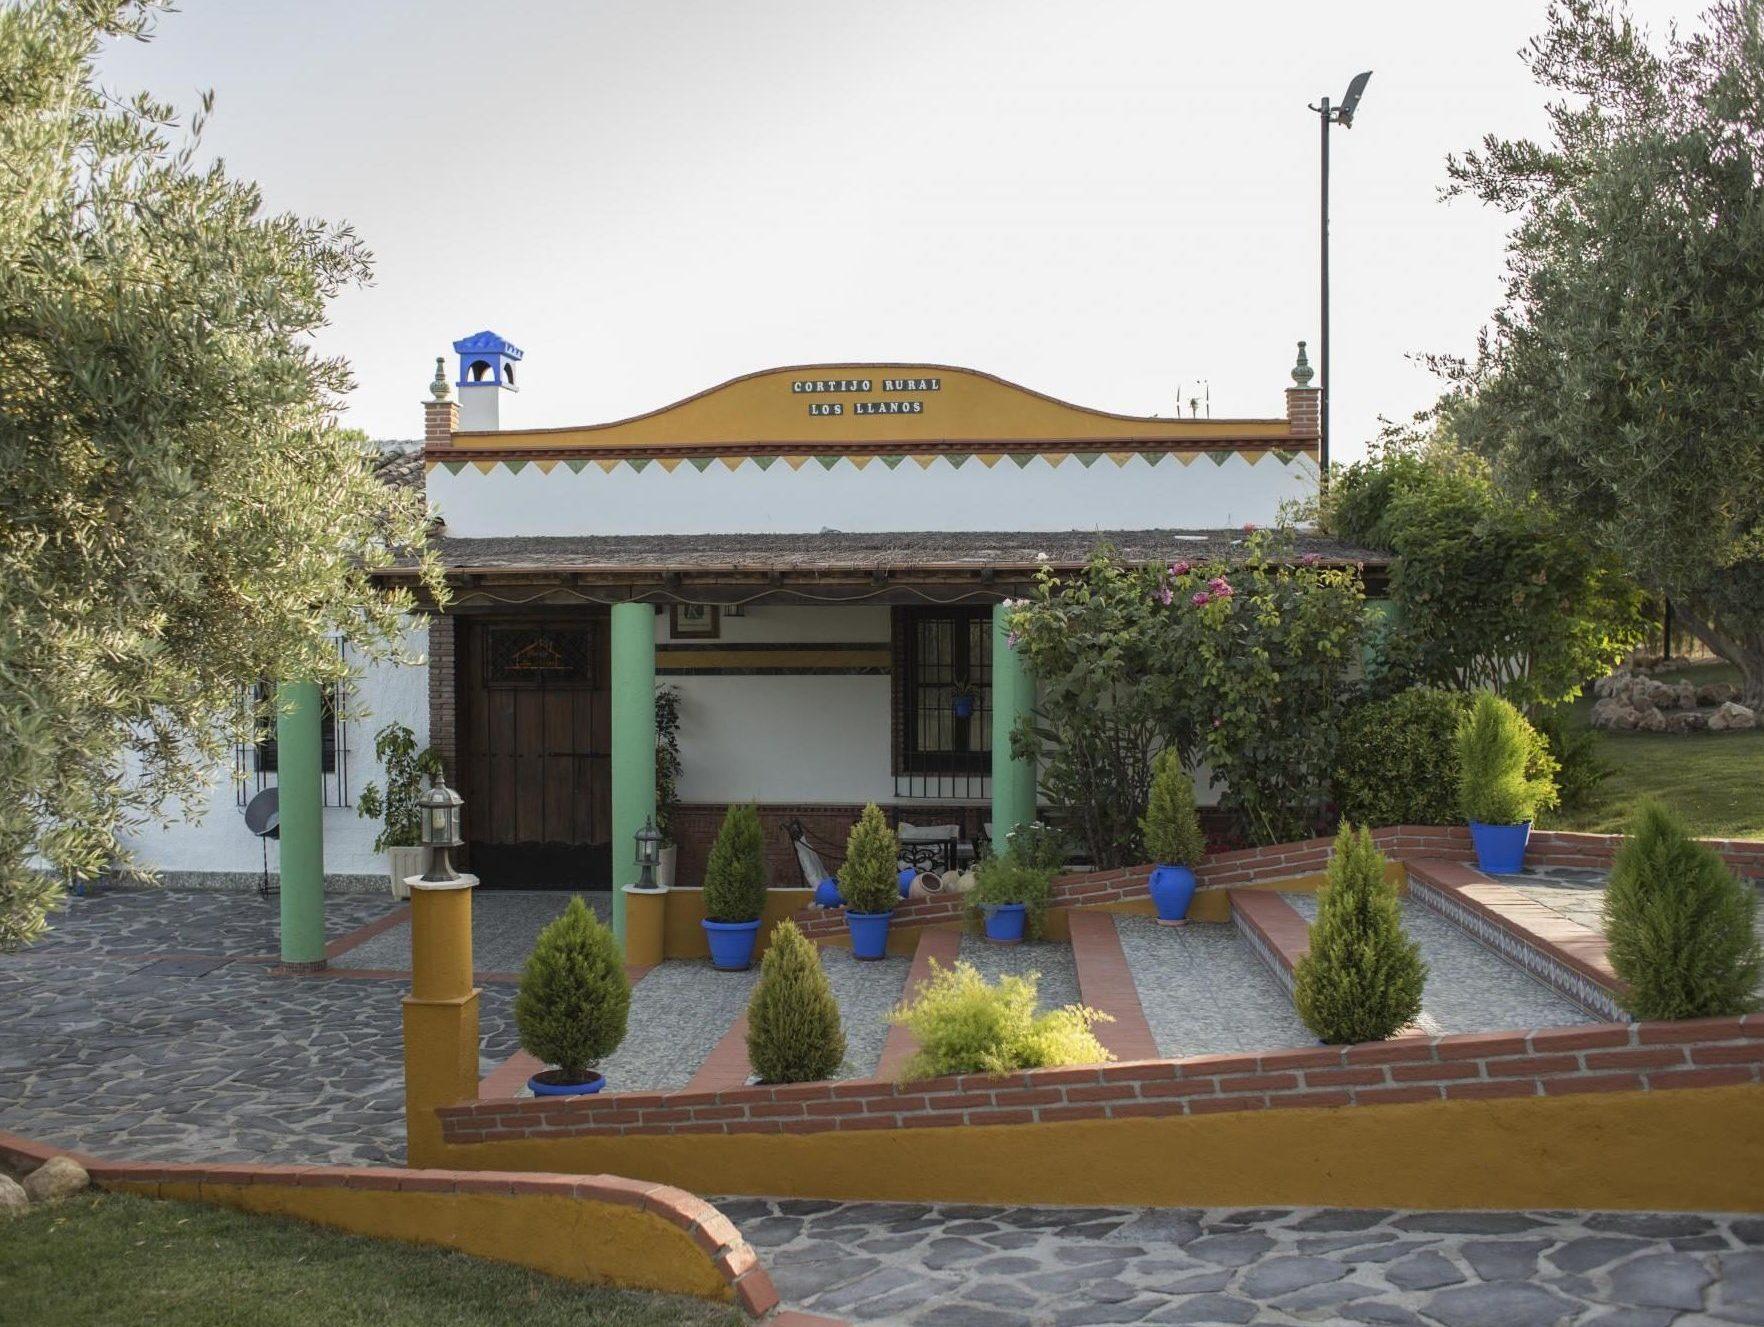 cortijo los llanos e1587922795572 - Where to rest-Sierra de Baza